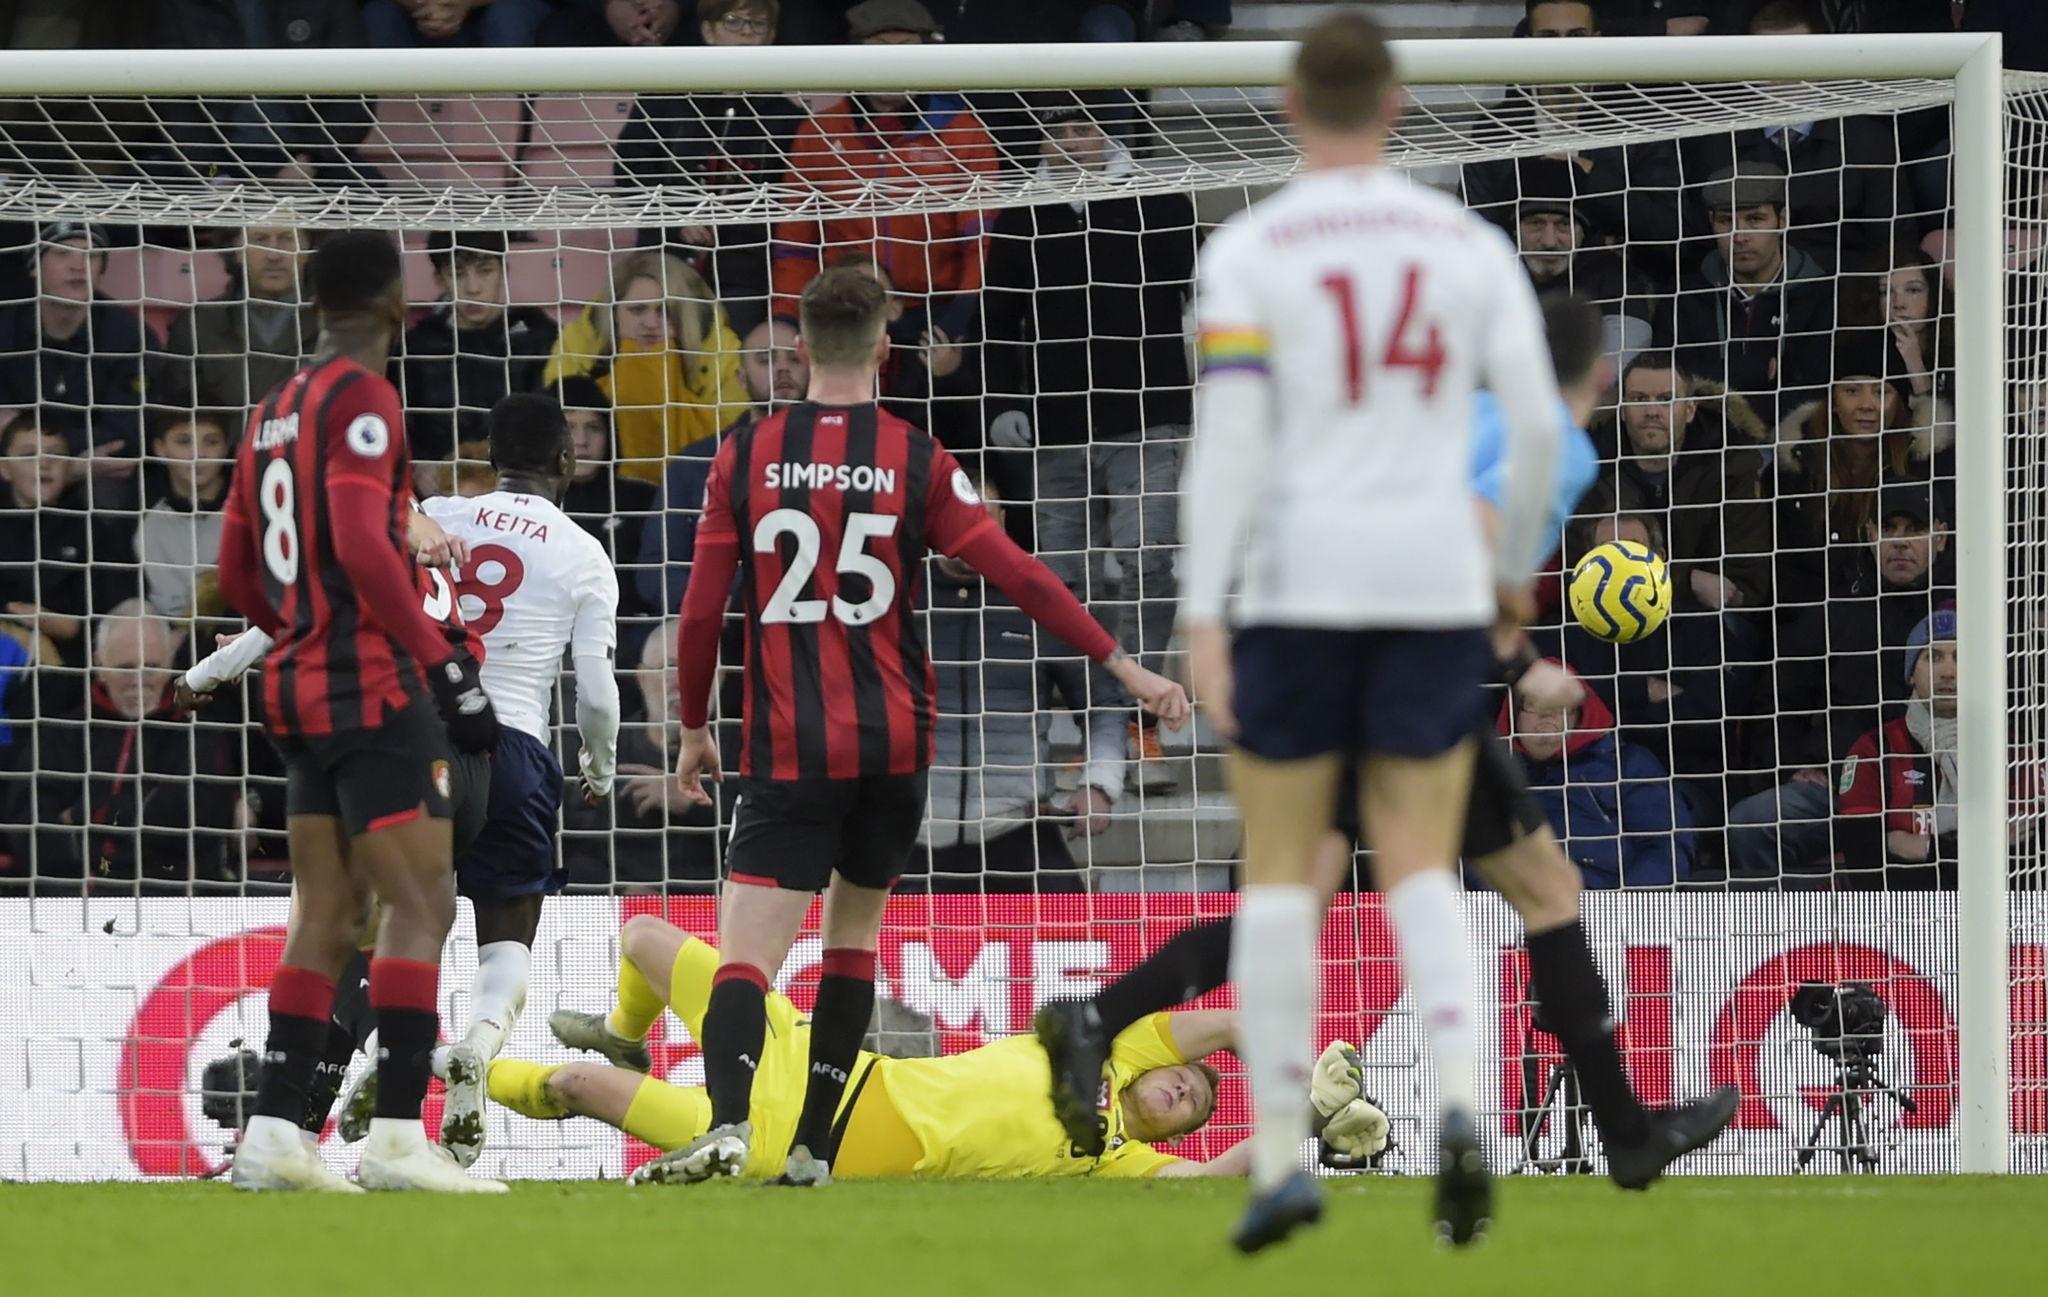 El Liverpool goleó 3 a 0 al Bournemouth y se aleja aún más del City.